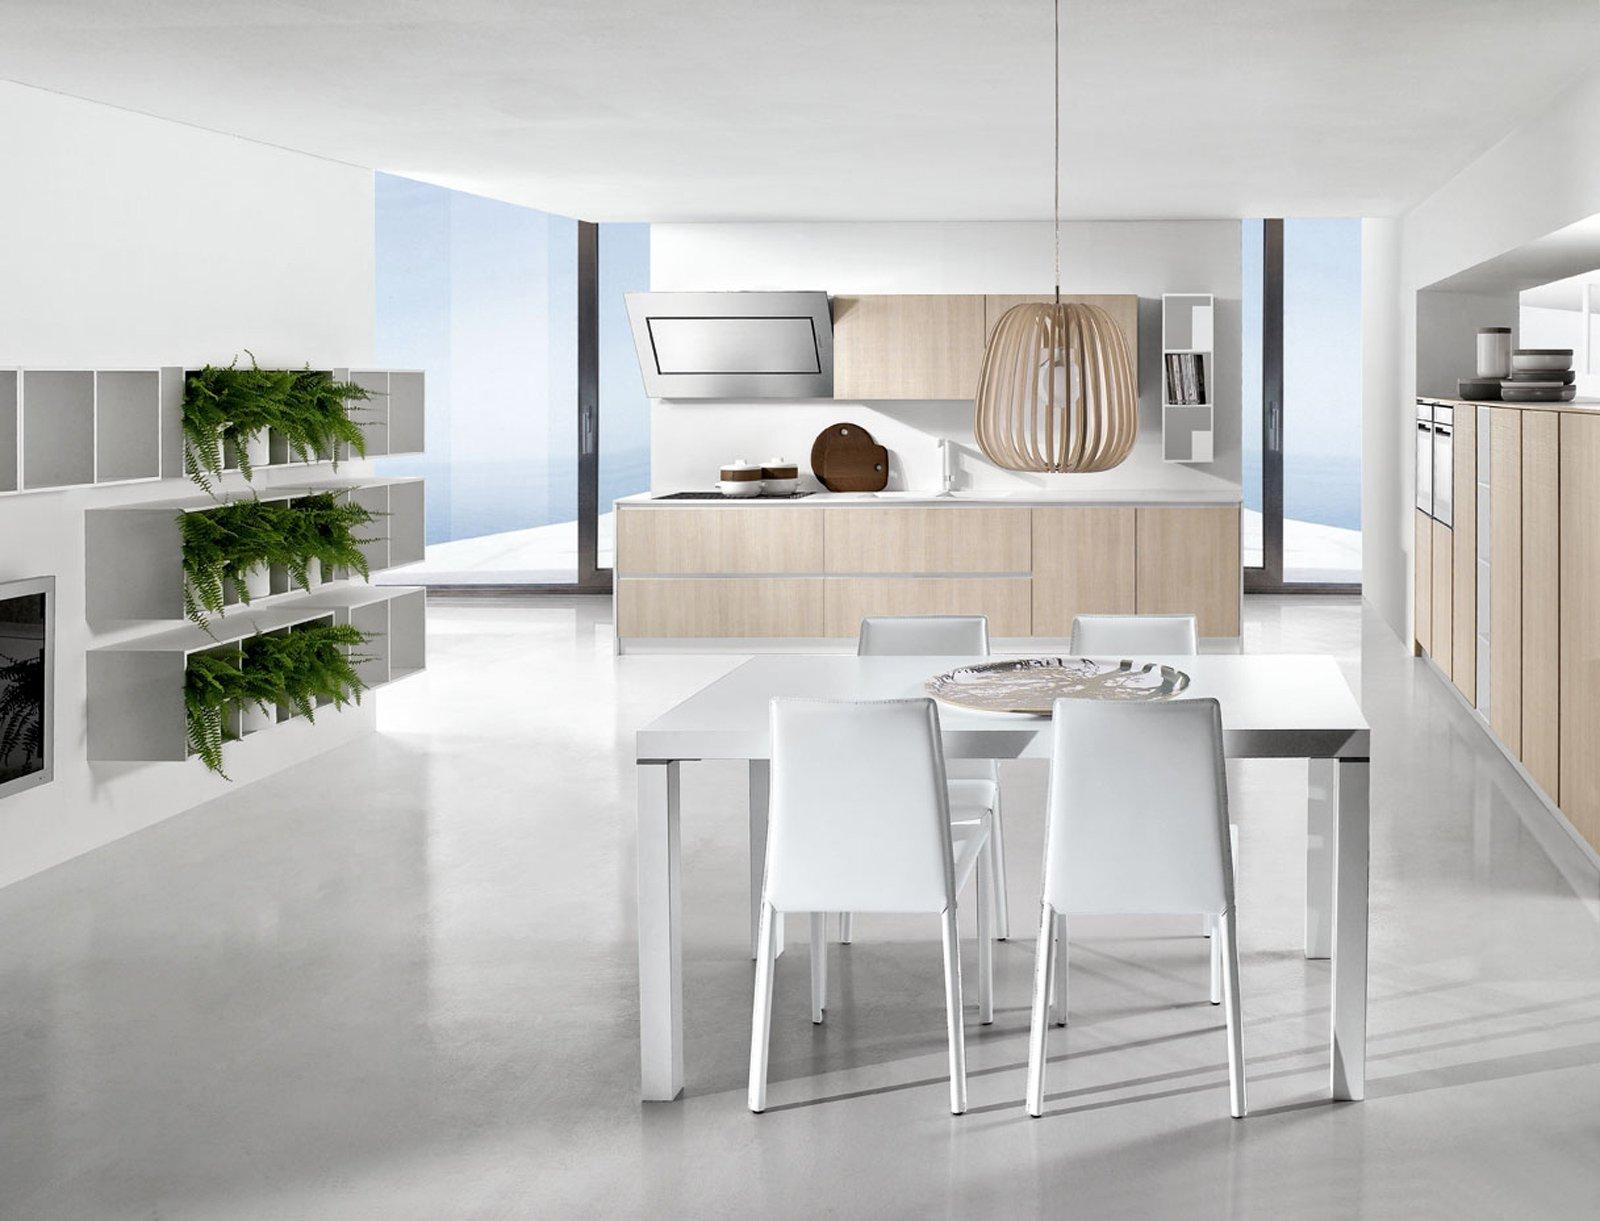 Cucina in legno moderna o classica cose di casa - Cucina bianca e legno ...